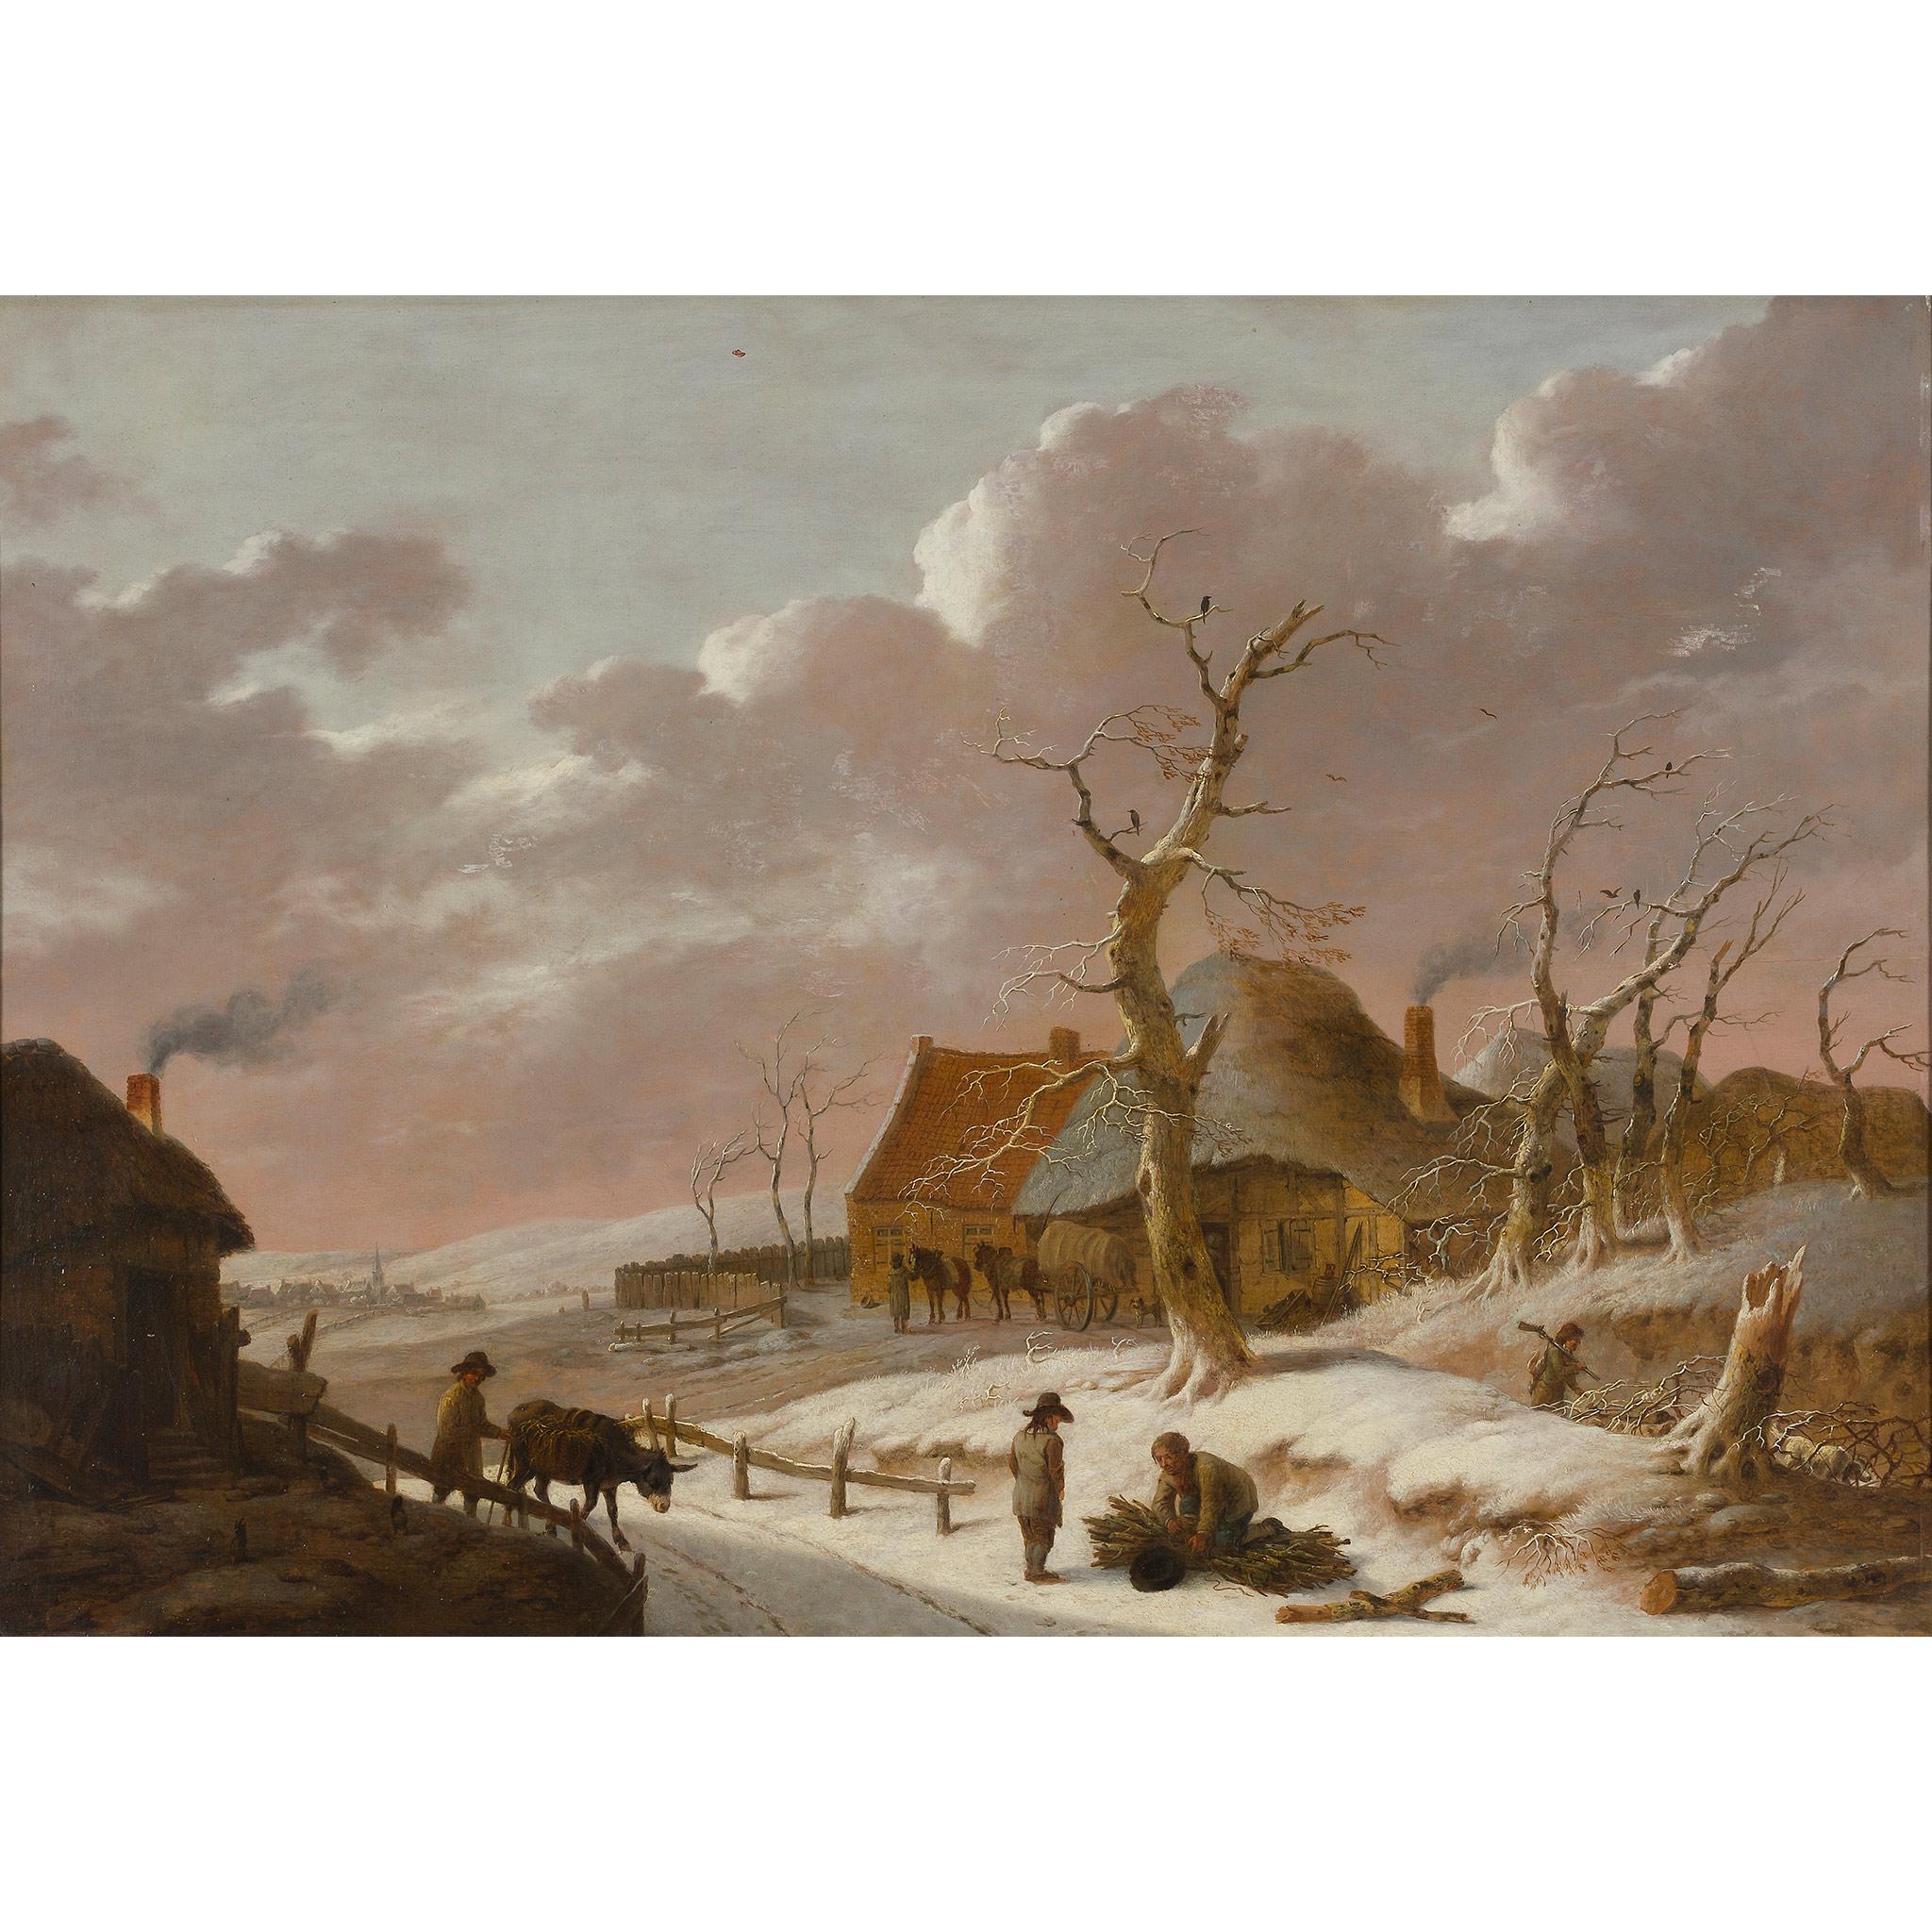 ATTRIBUTED TO HEINRICH WILHELM SCHWEICKARDT (GERMAN 1746-1797) A SNOW COVERED WINTER LANDSCAPE